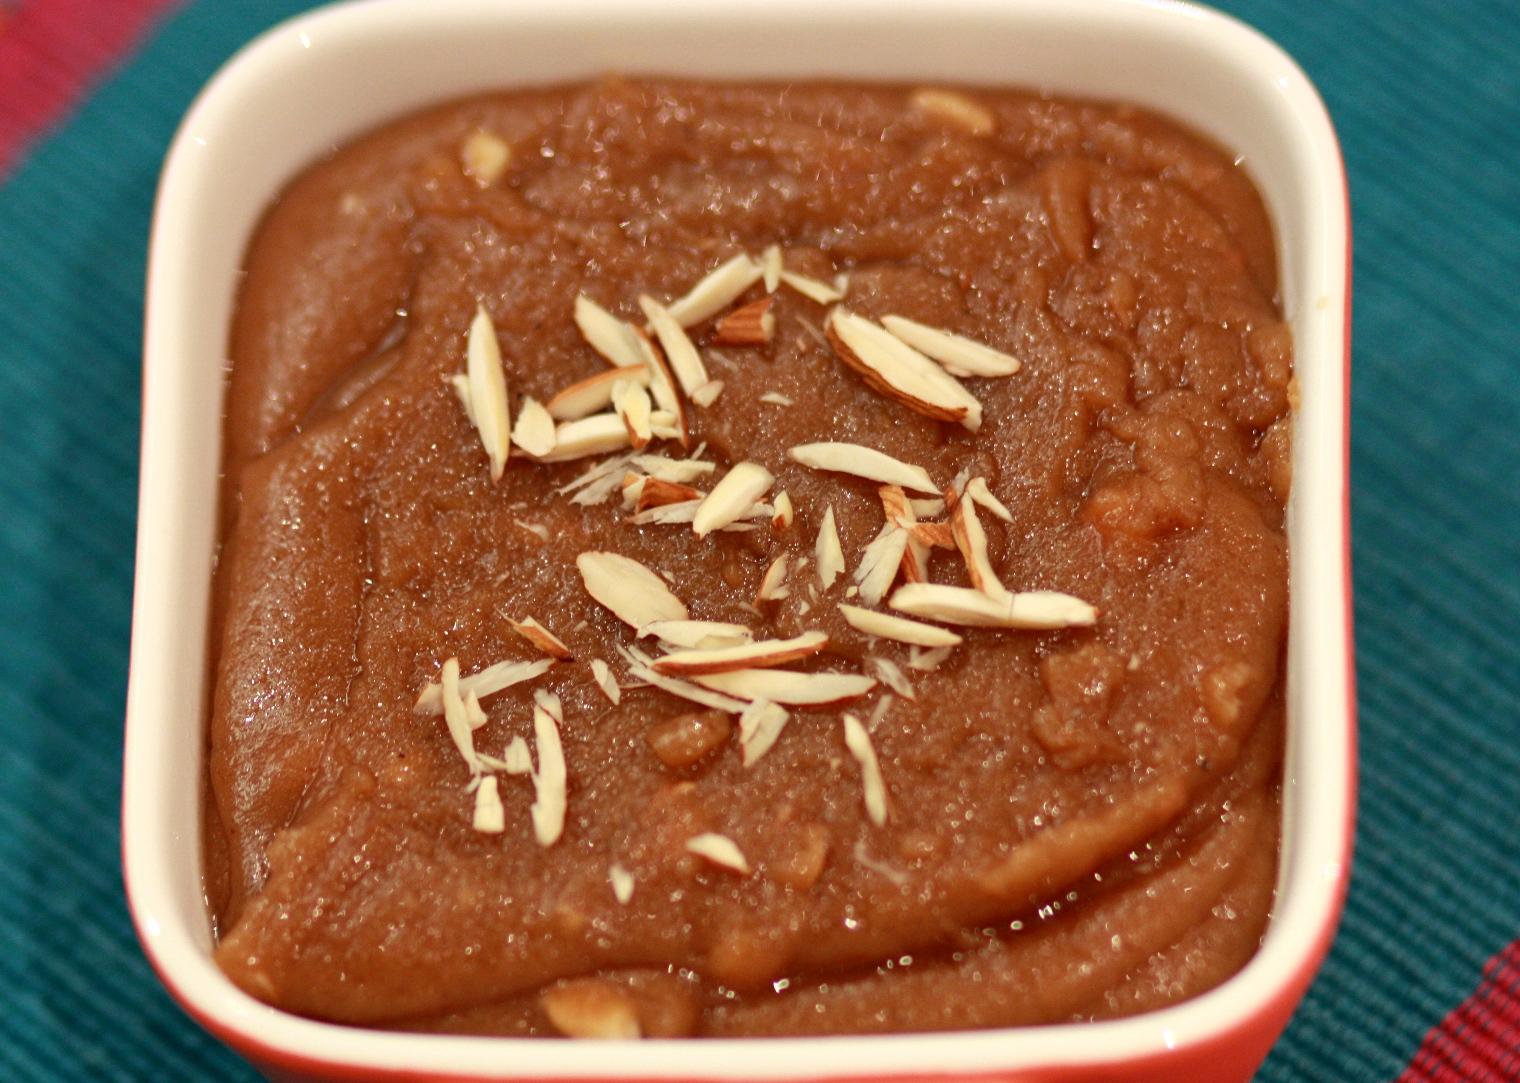 Aate ka Halwa (Wheat flour Pudding)